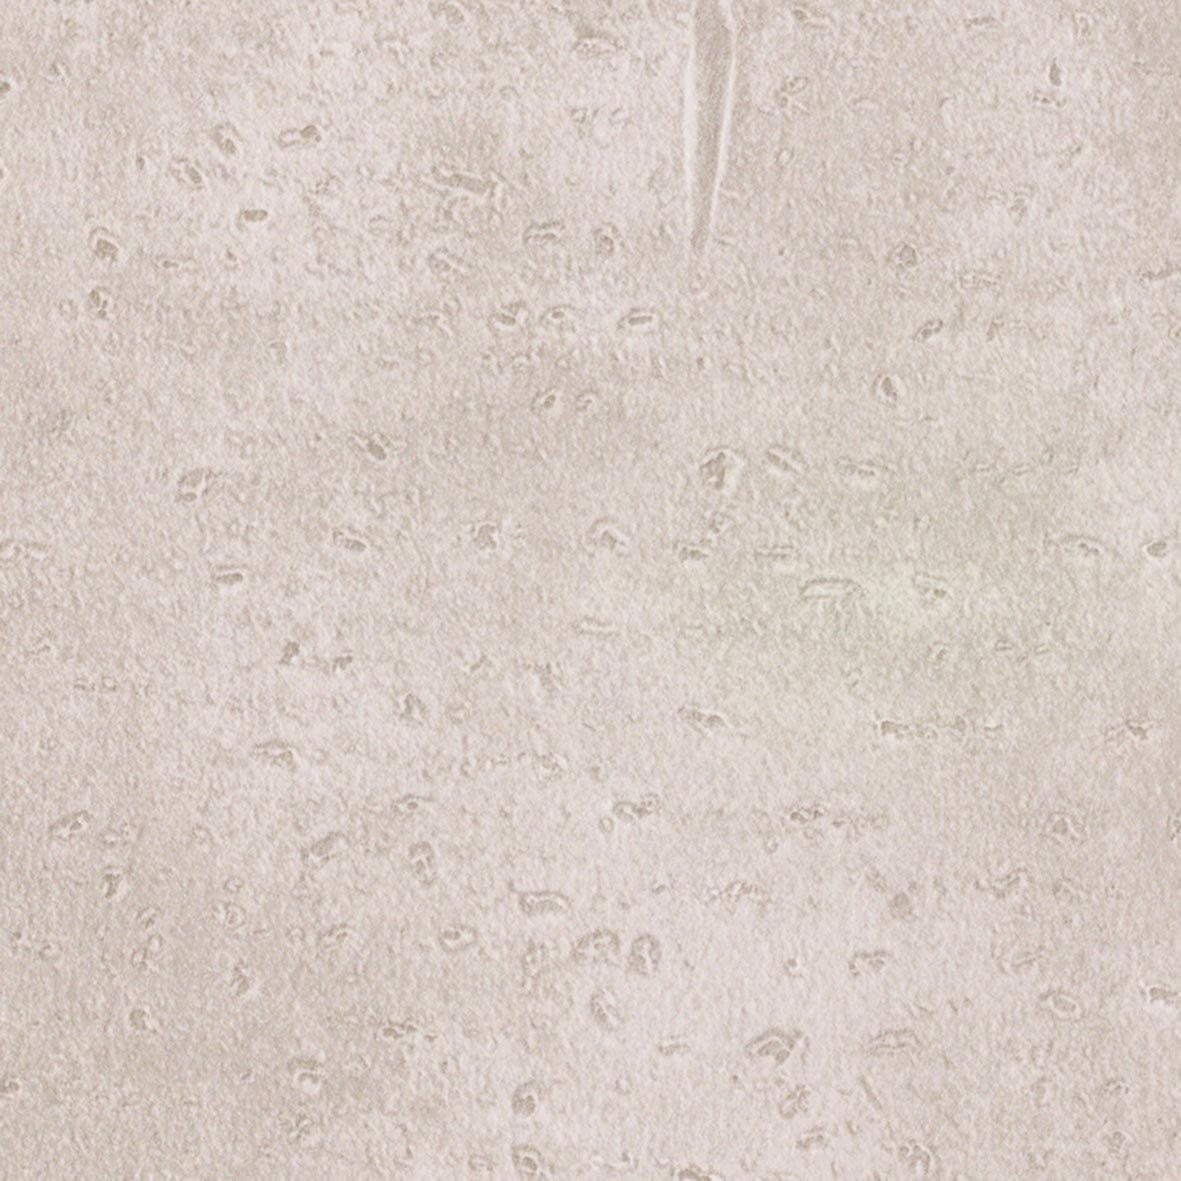 リリカラ 壁紙30m モダン 石目調 グレー Wood & Stone LW-2742 B07613QGJM 30m